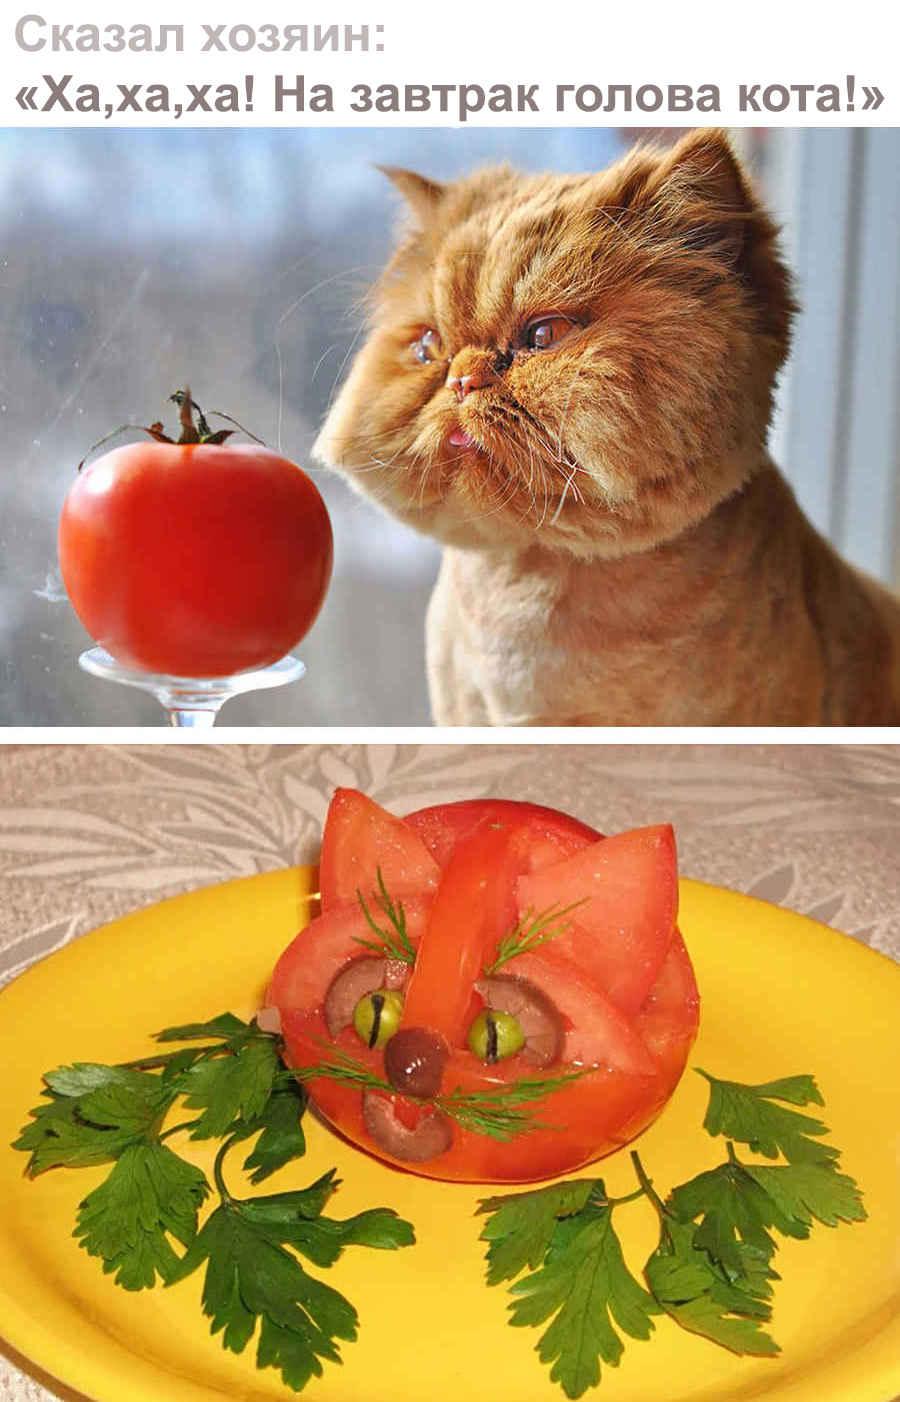 Кот - помидор!